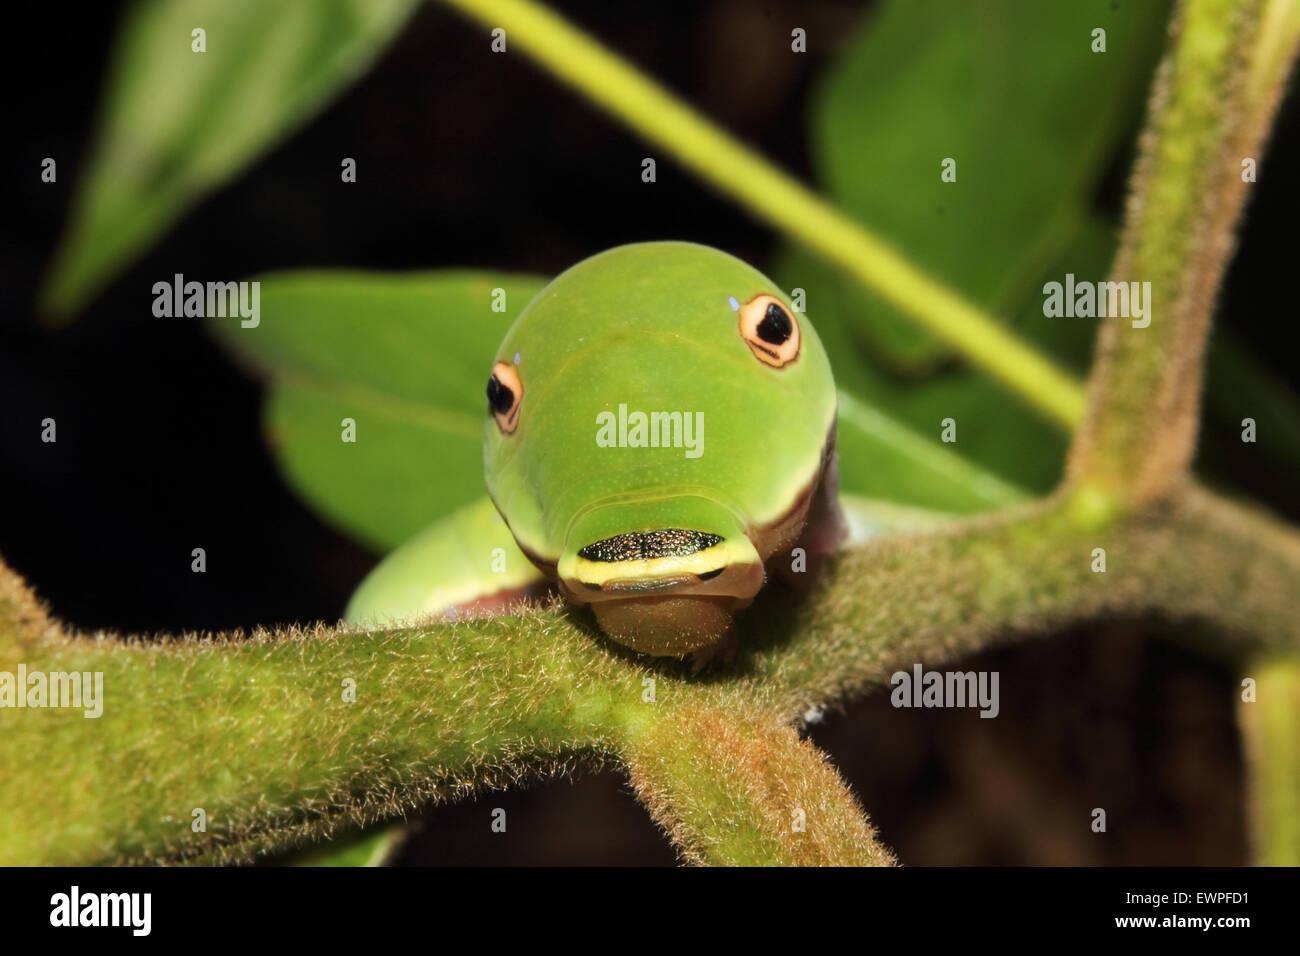 Una especie Spicebush caterpillar rastrea a lo largo de una hoja. Foto de stock